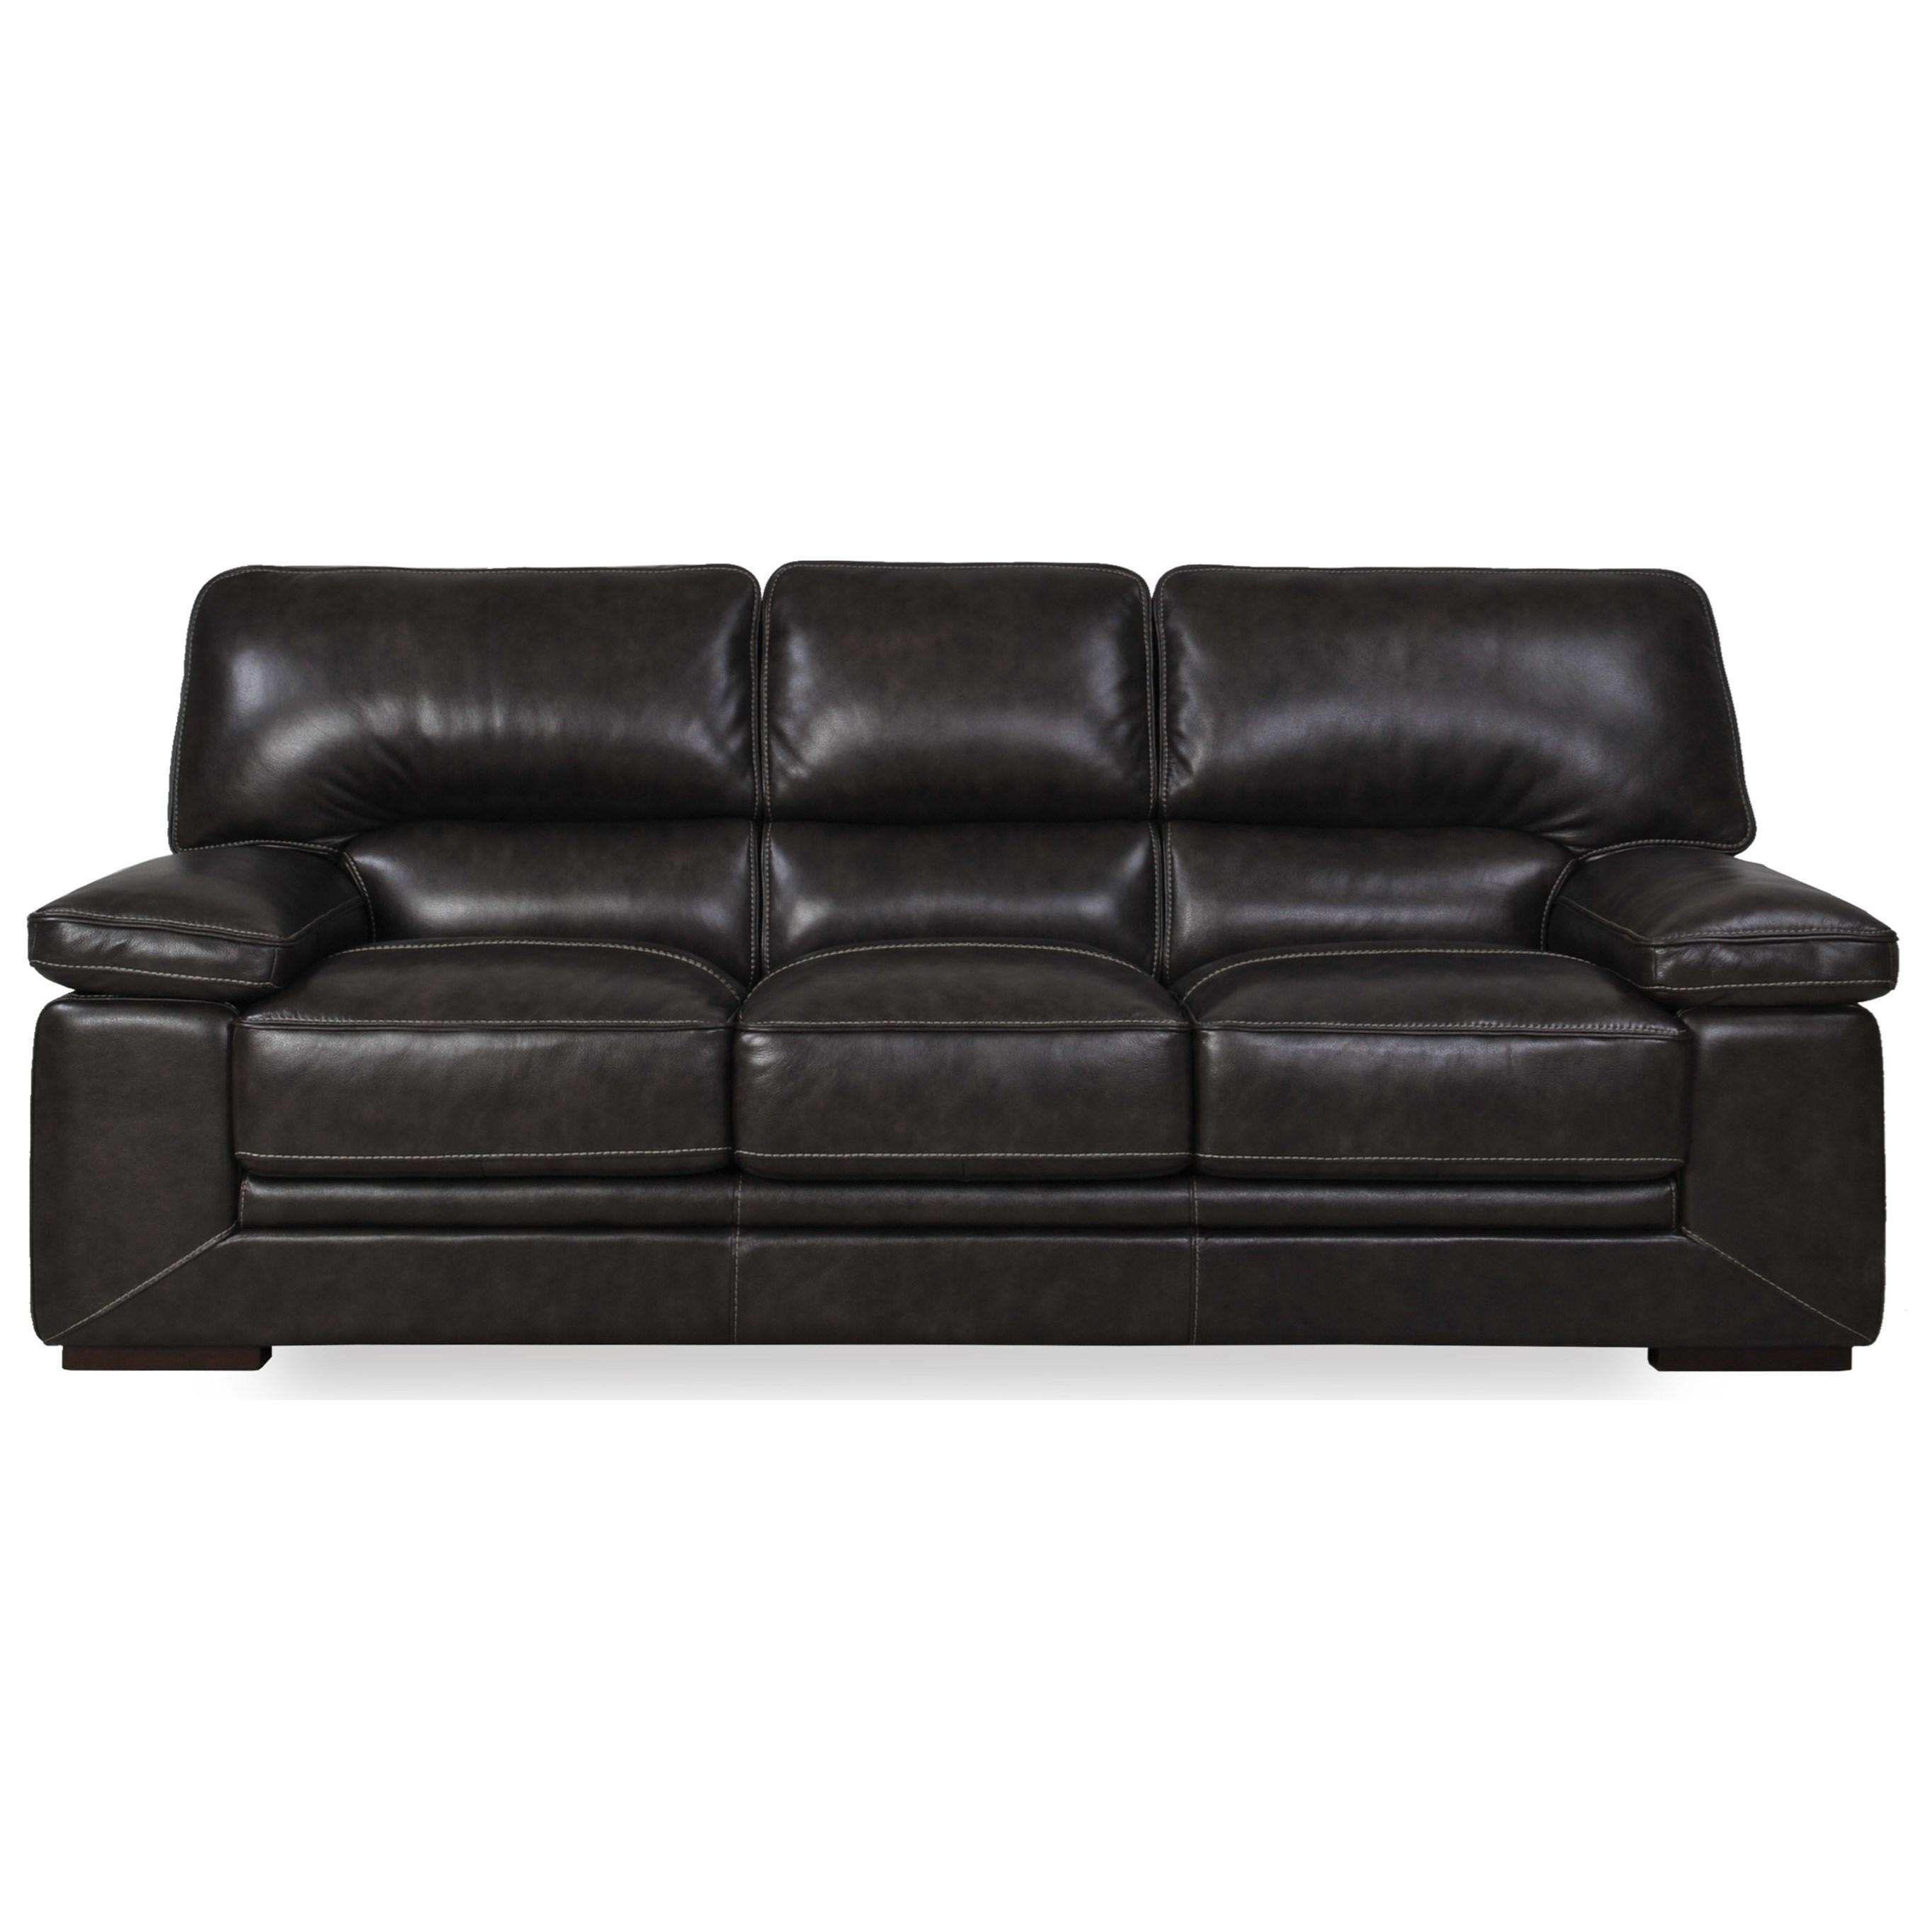 Futura Leather 10105 Sofa - Item Number: 10105-30 1425S